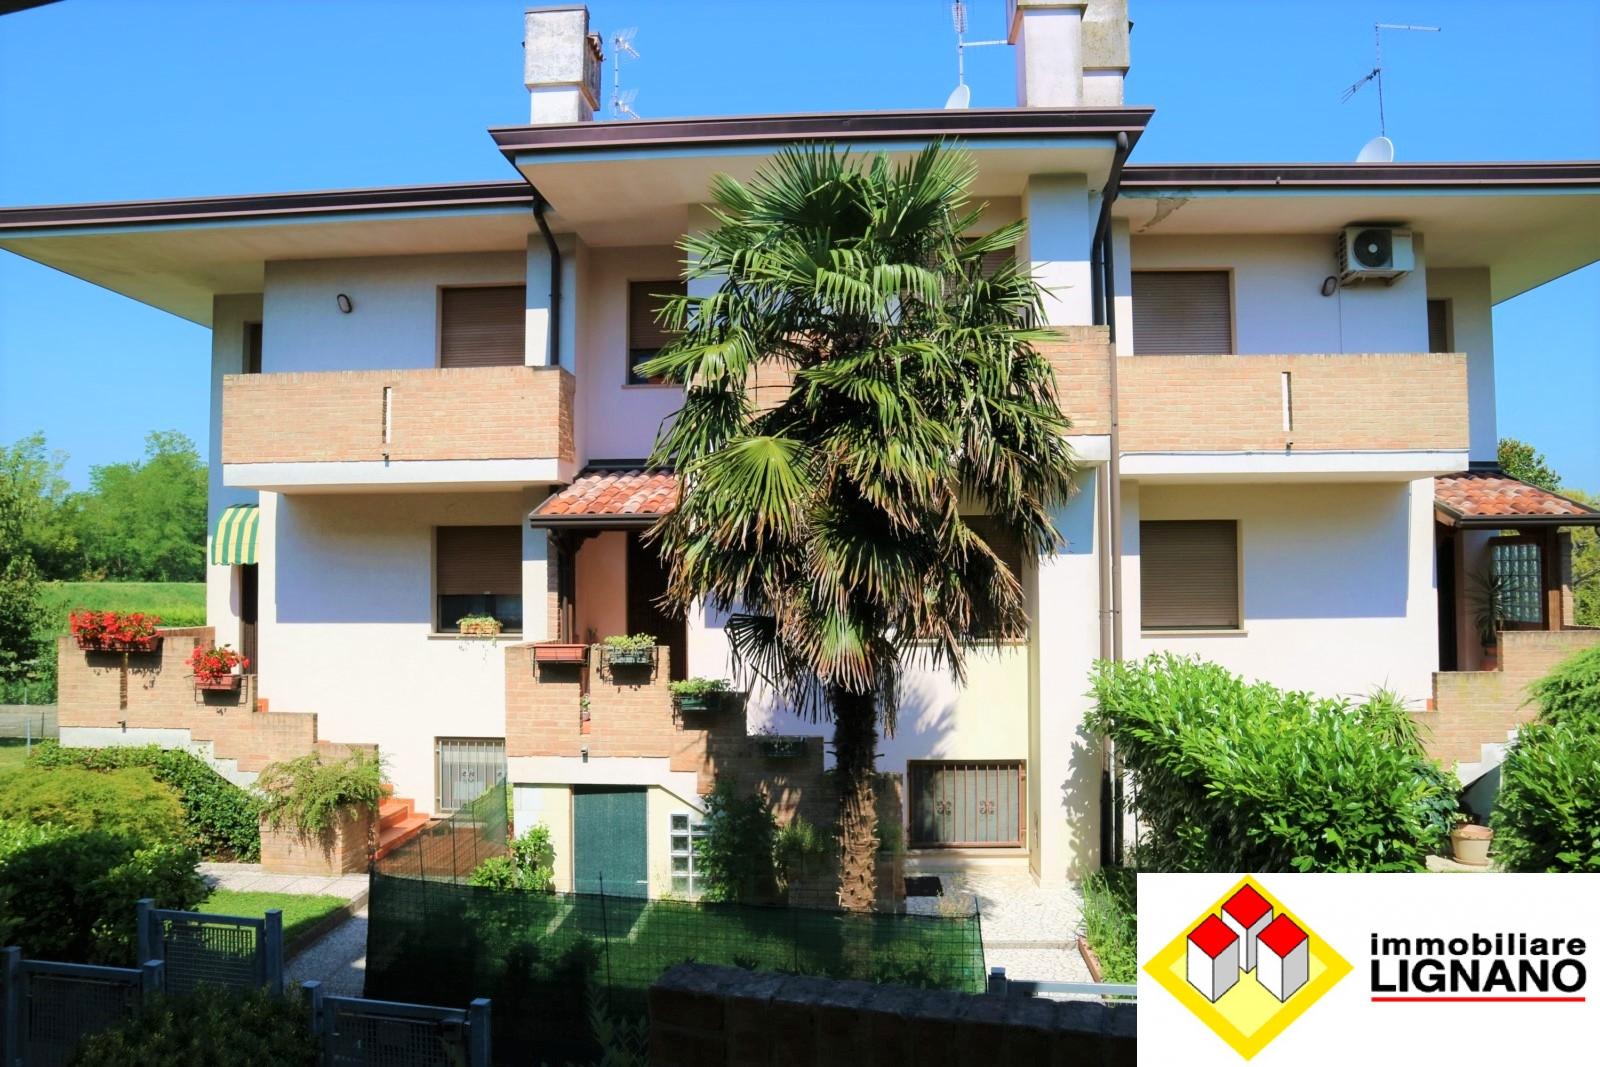 Villa a Schiera in vendita a Latisana, 5 locali, zona Zona: Pertegada, Trattative riservate | CambioCasa.it